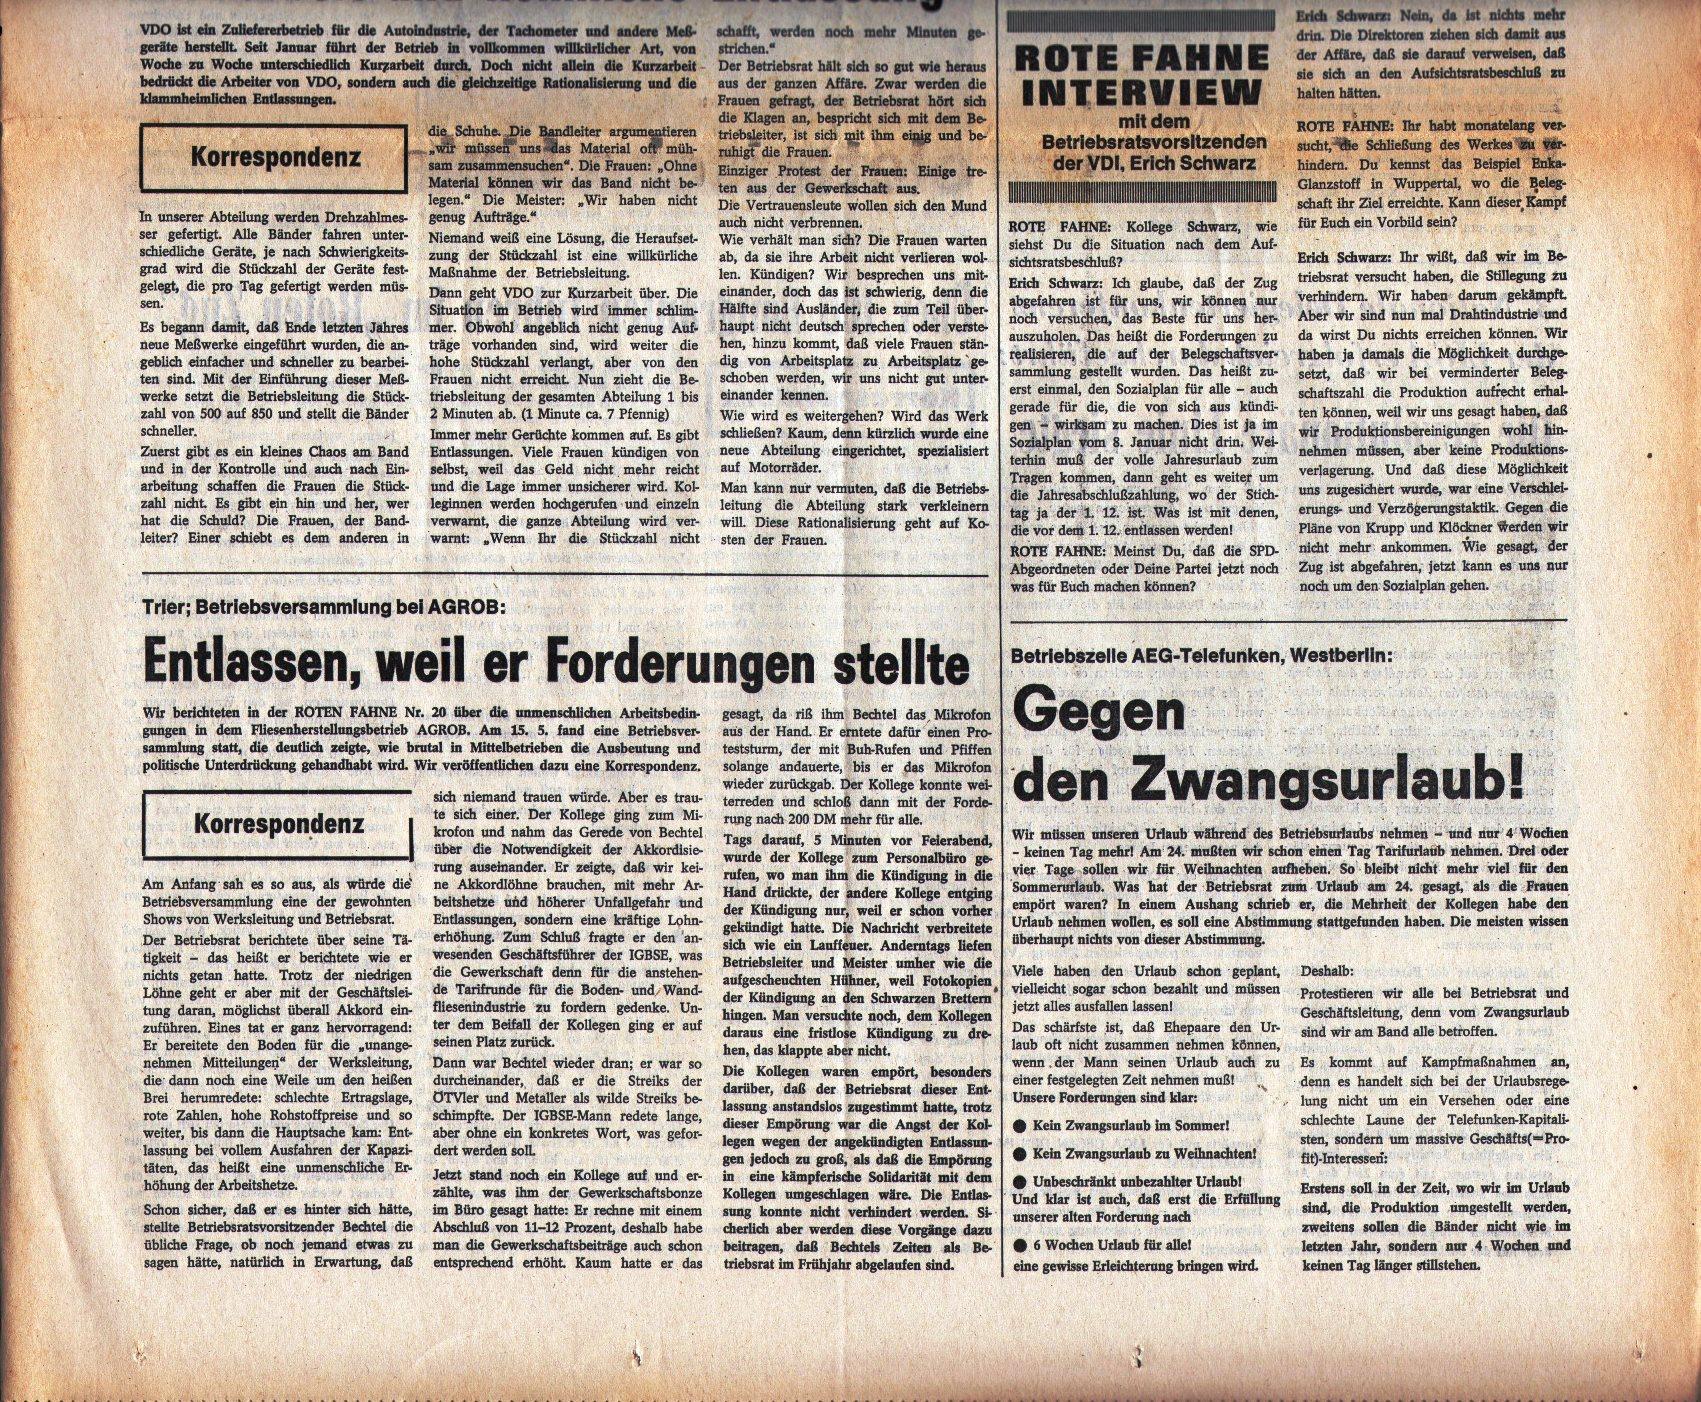 KPD_Rote_Fahne_1974_25_10